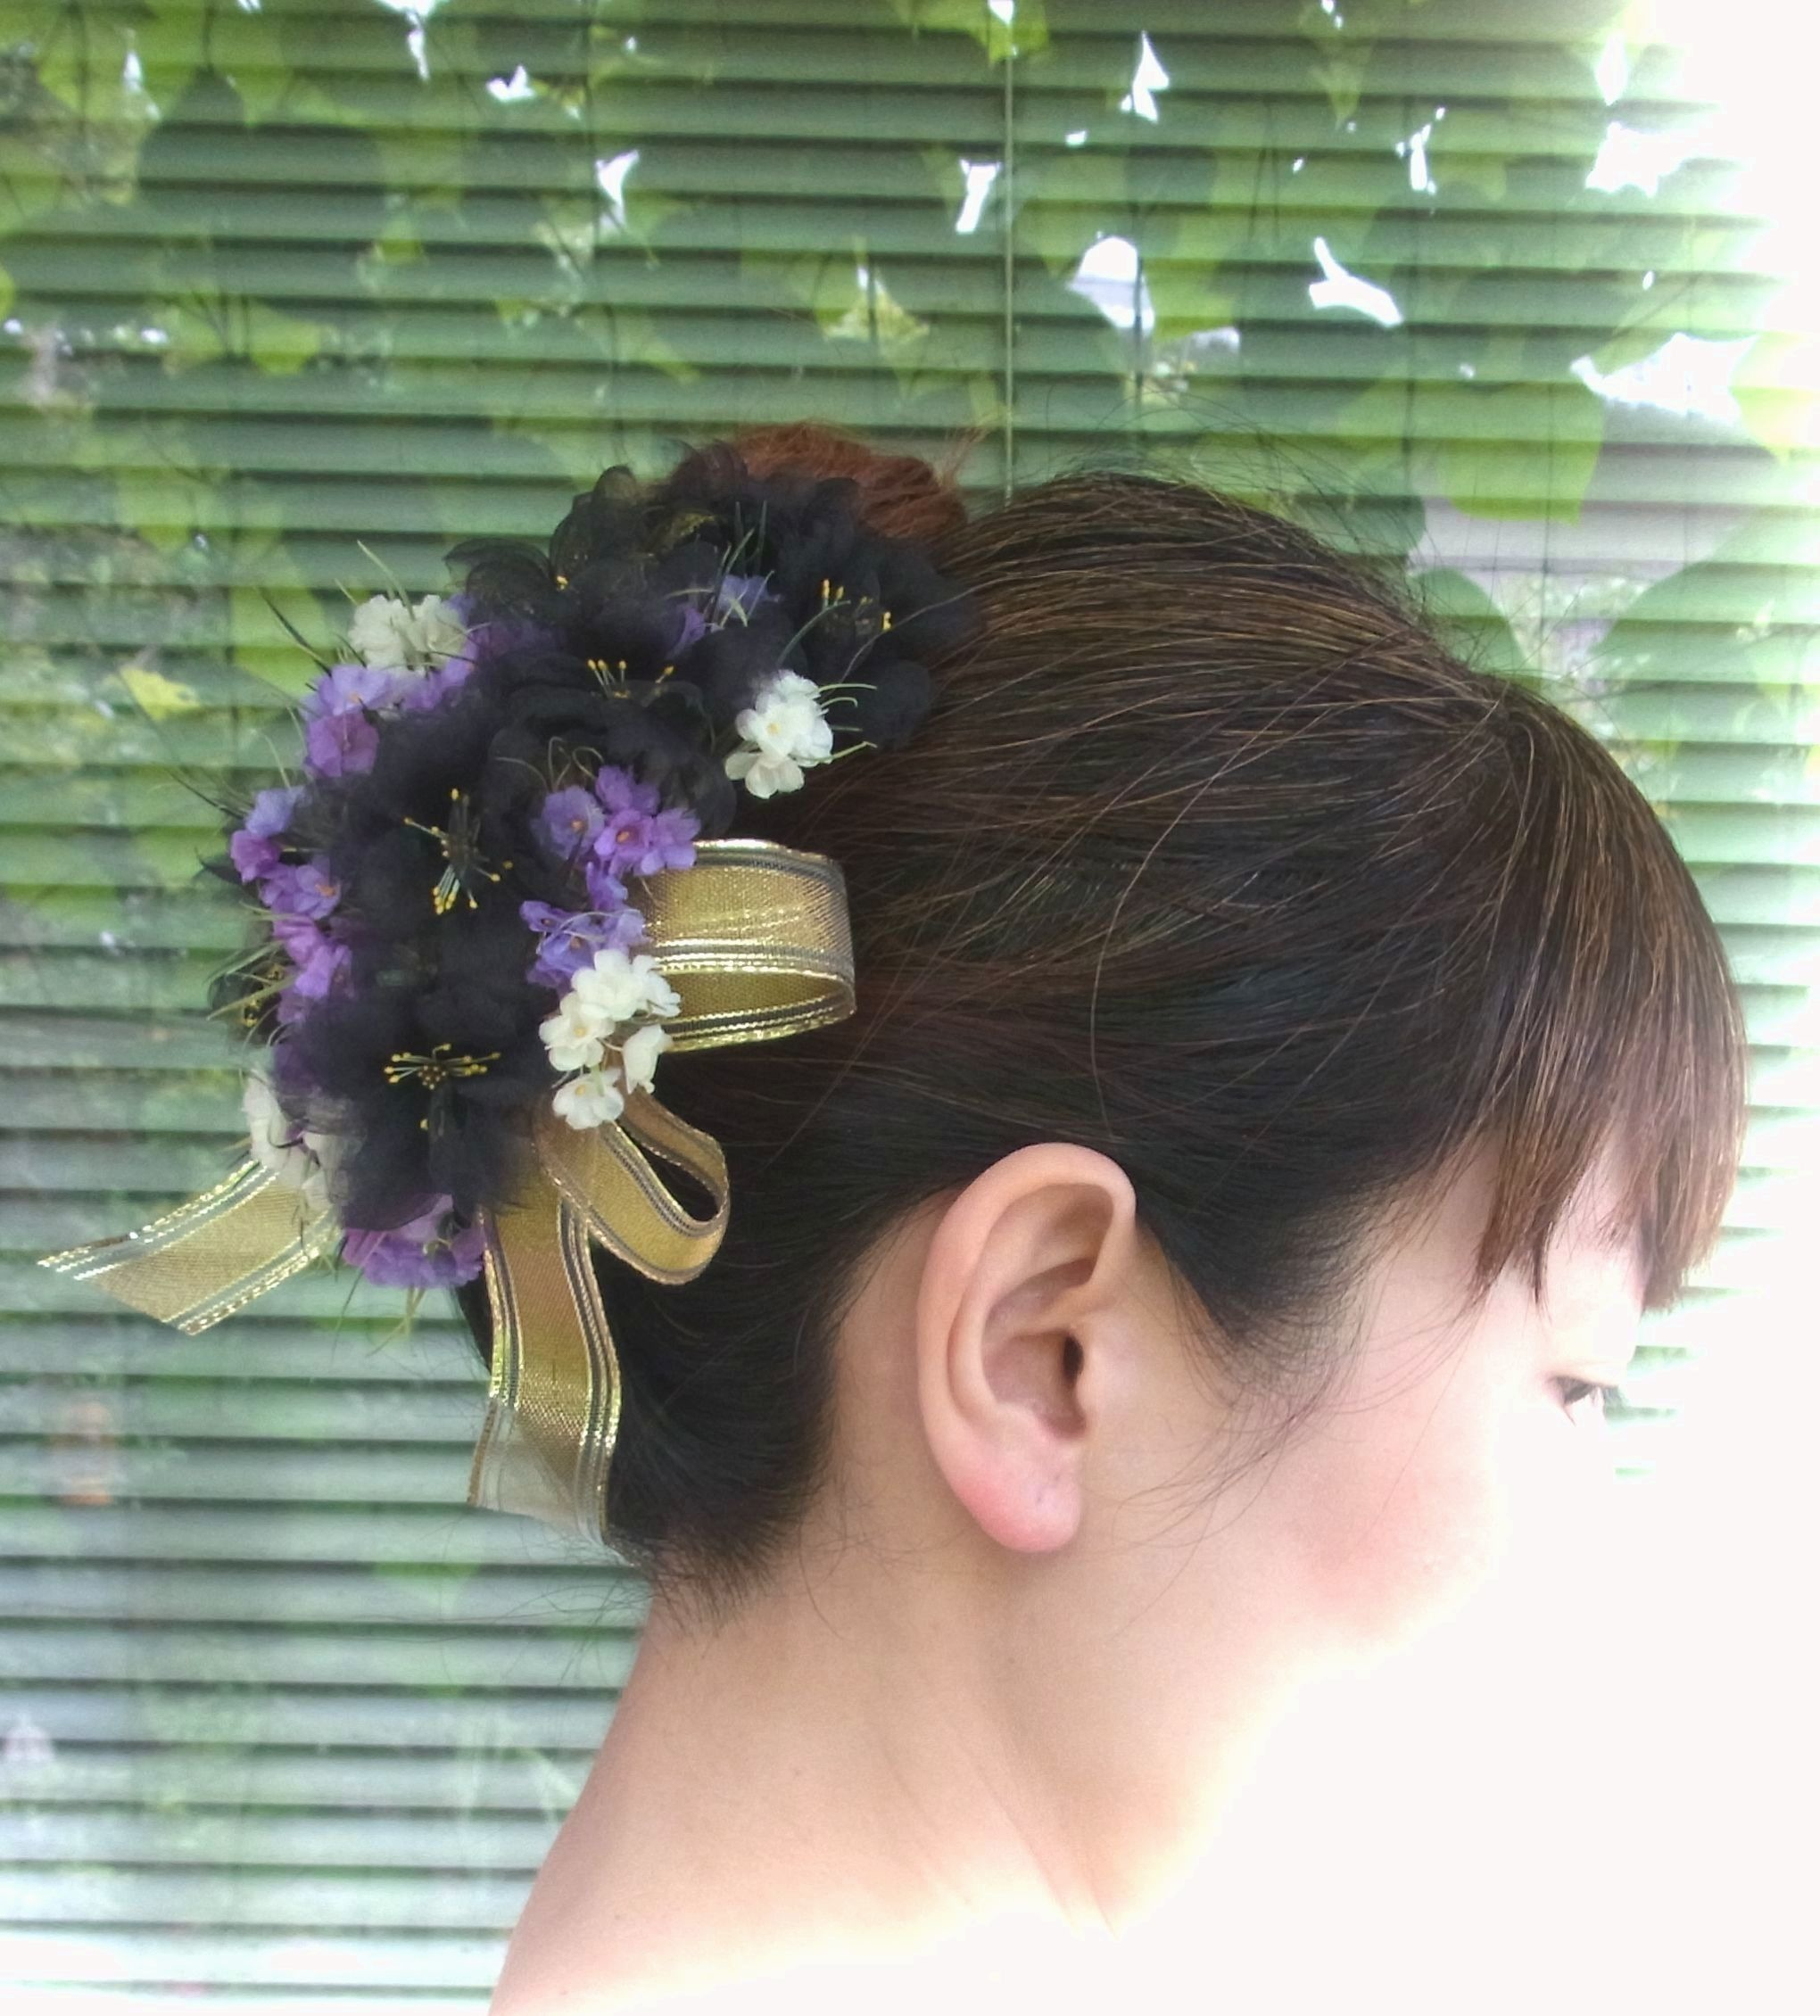 黒い八重桜 のブーケ * シルク製 * 髪飾り ヘッドドレス